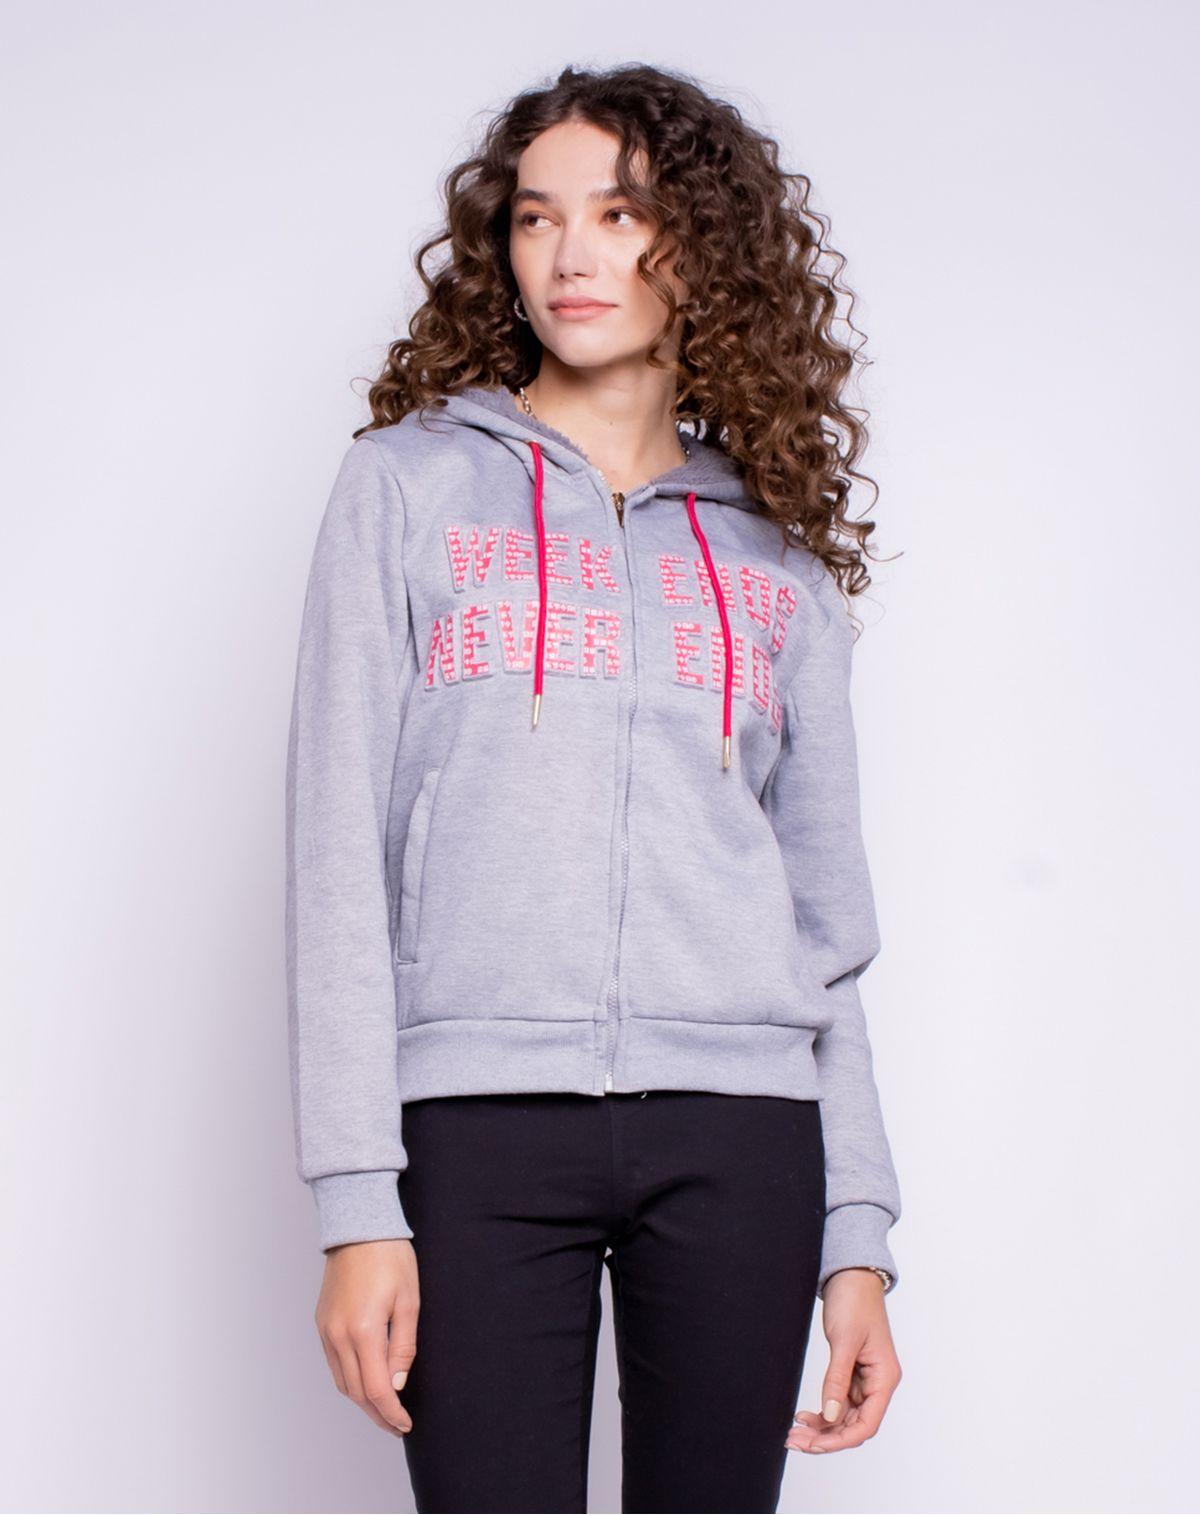 506098009-jaqueta-moletom-feminina-capuz-bolso-pelo-mescla-p-9a9